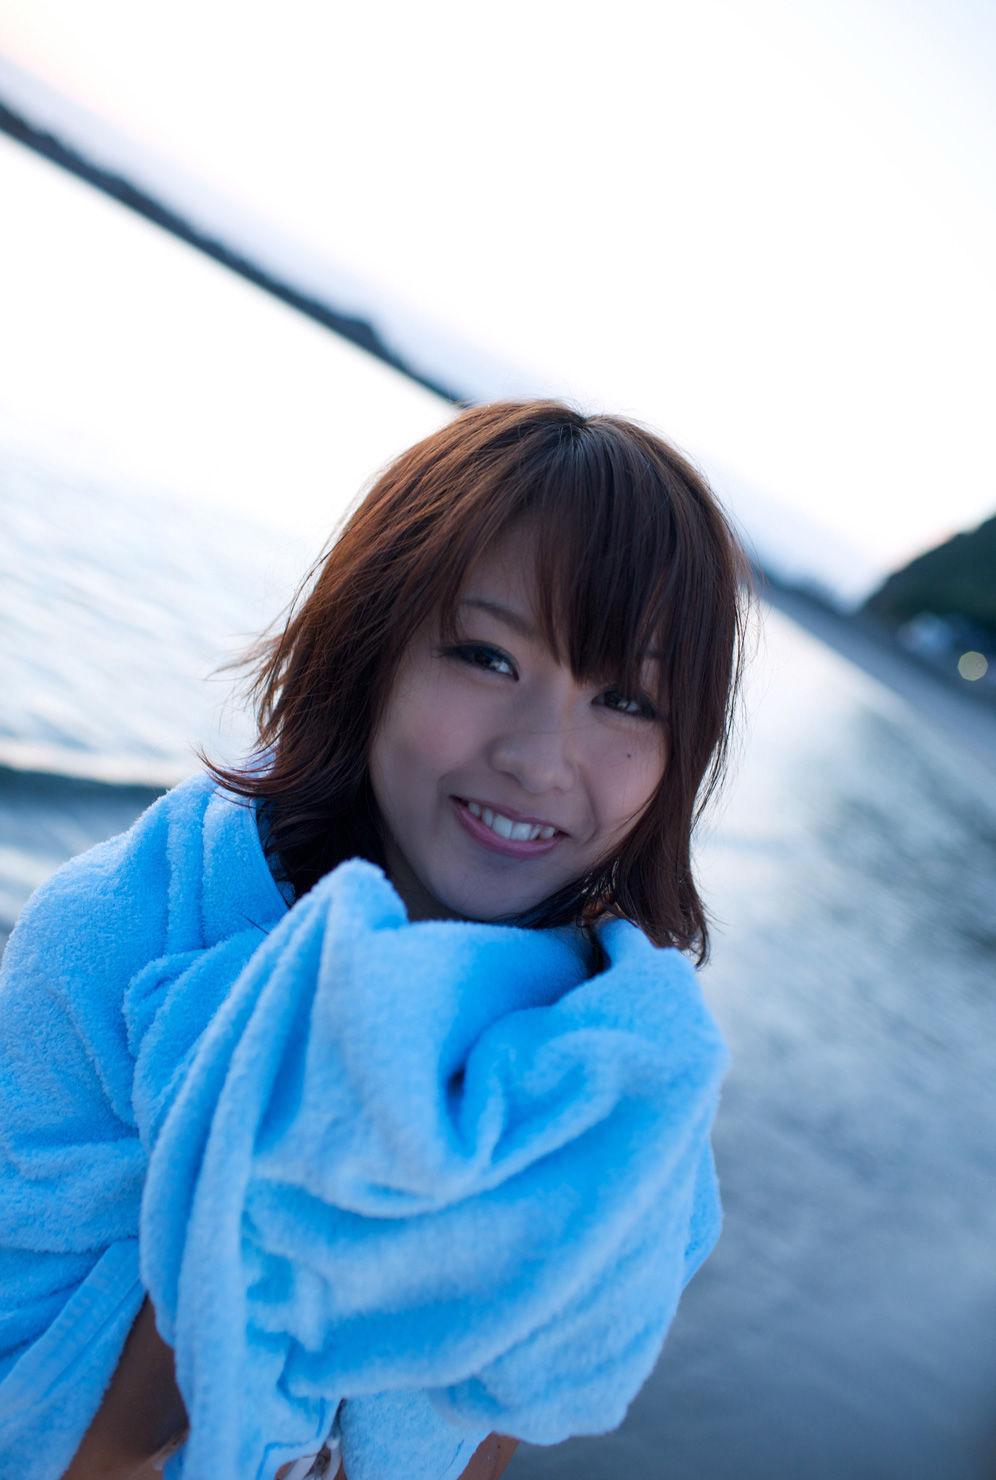 西田麻衣 画像 高画質 40